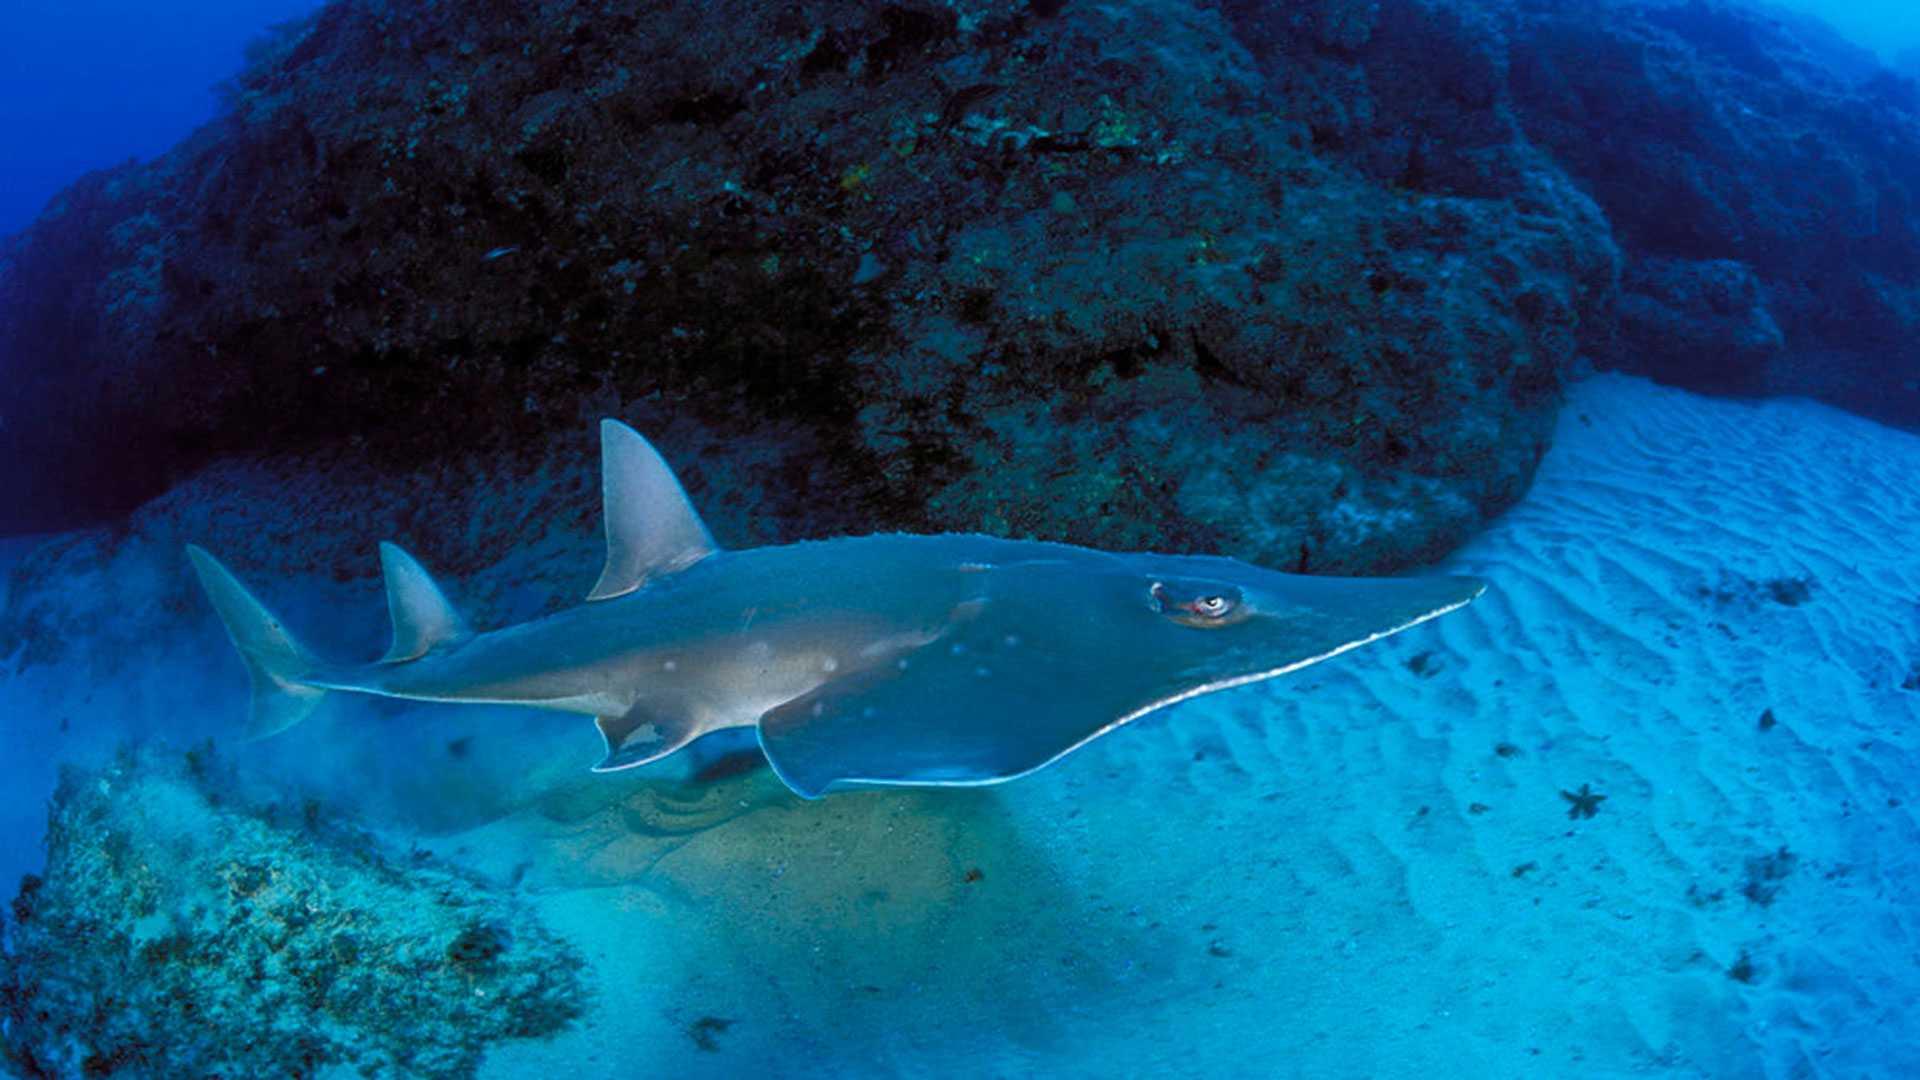 Haie: Ein Imagewandel war dringend nötig, um die gefährdeten Fische besser schützen zu können